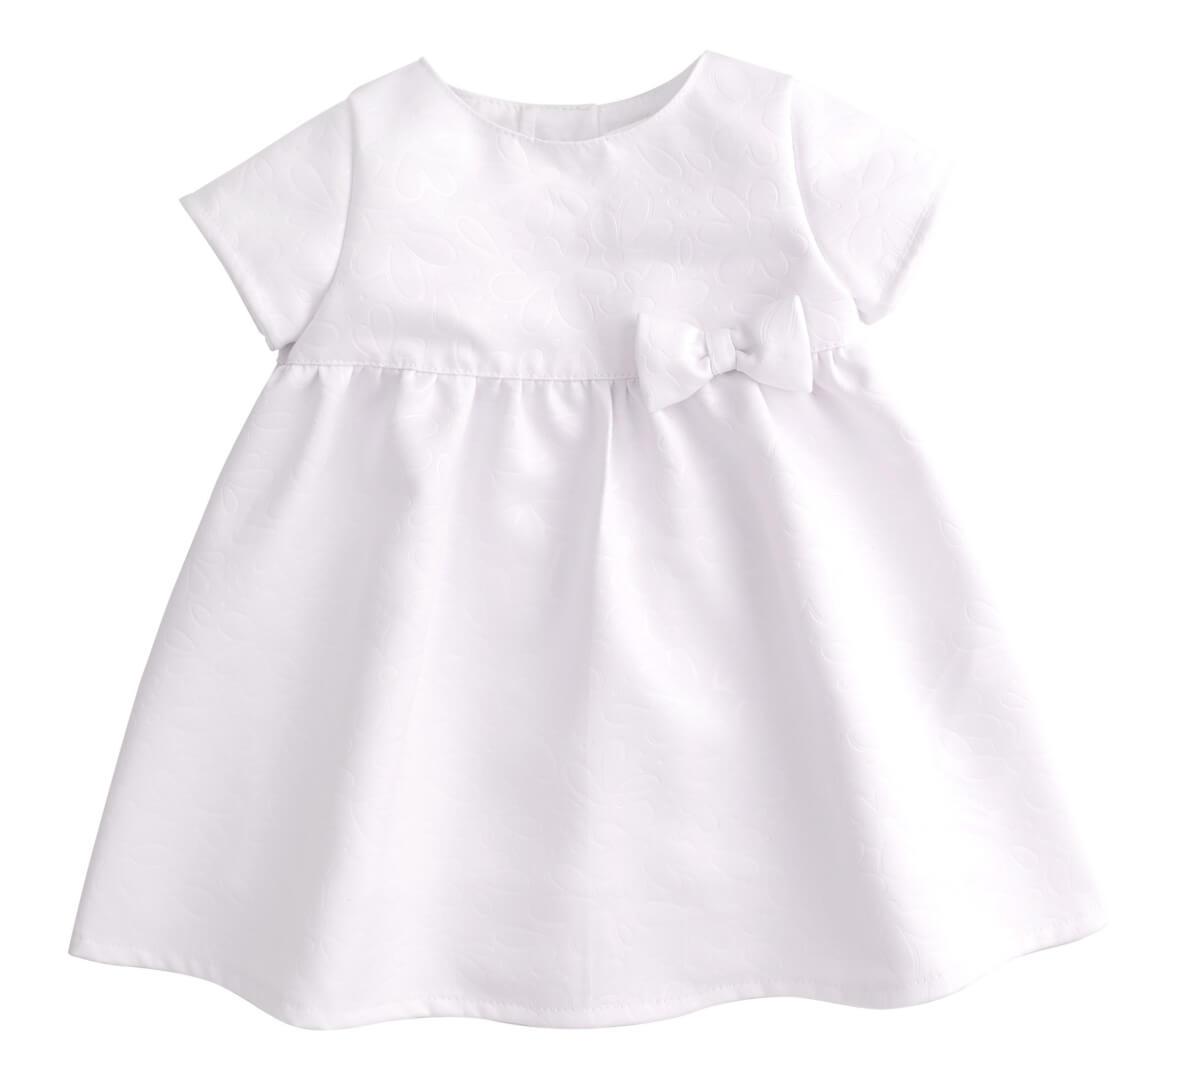 Sukienka-okolicznosciowa-biala-z-kokardka-na-chrzest-dla-dziewczynki-bembi-kolekcja-newborn-dla-niemowlat-PL253_01a